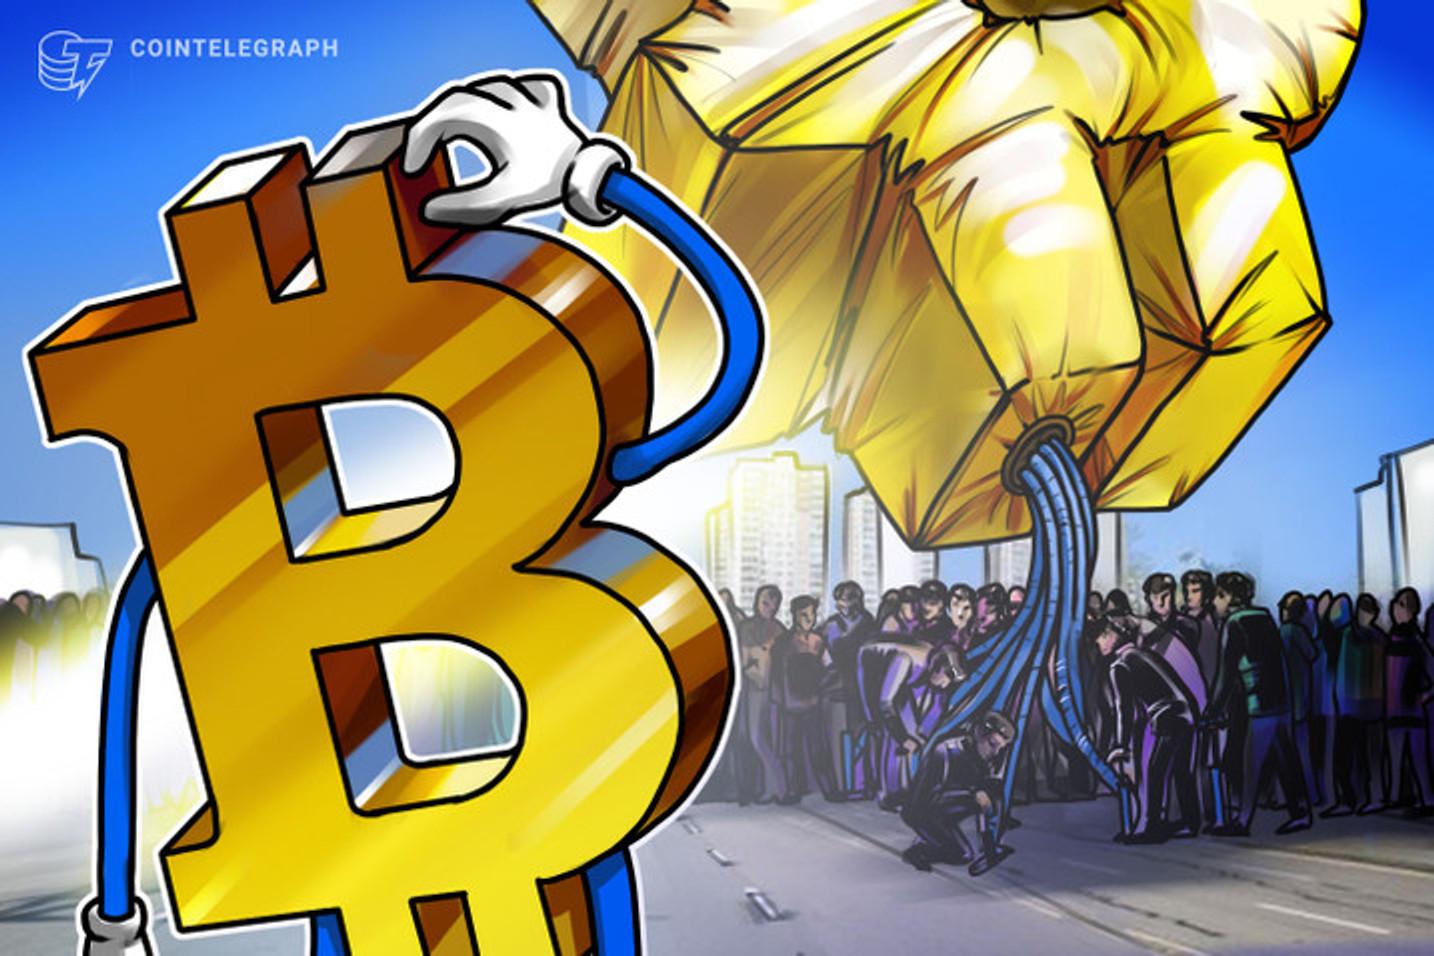 仮想通貨ビットコインのファンド向けに200億円調達、「ウォール街の保安官」加入のNYDIG